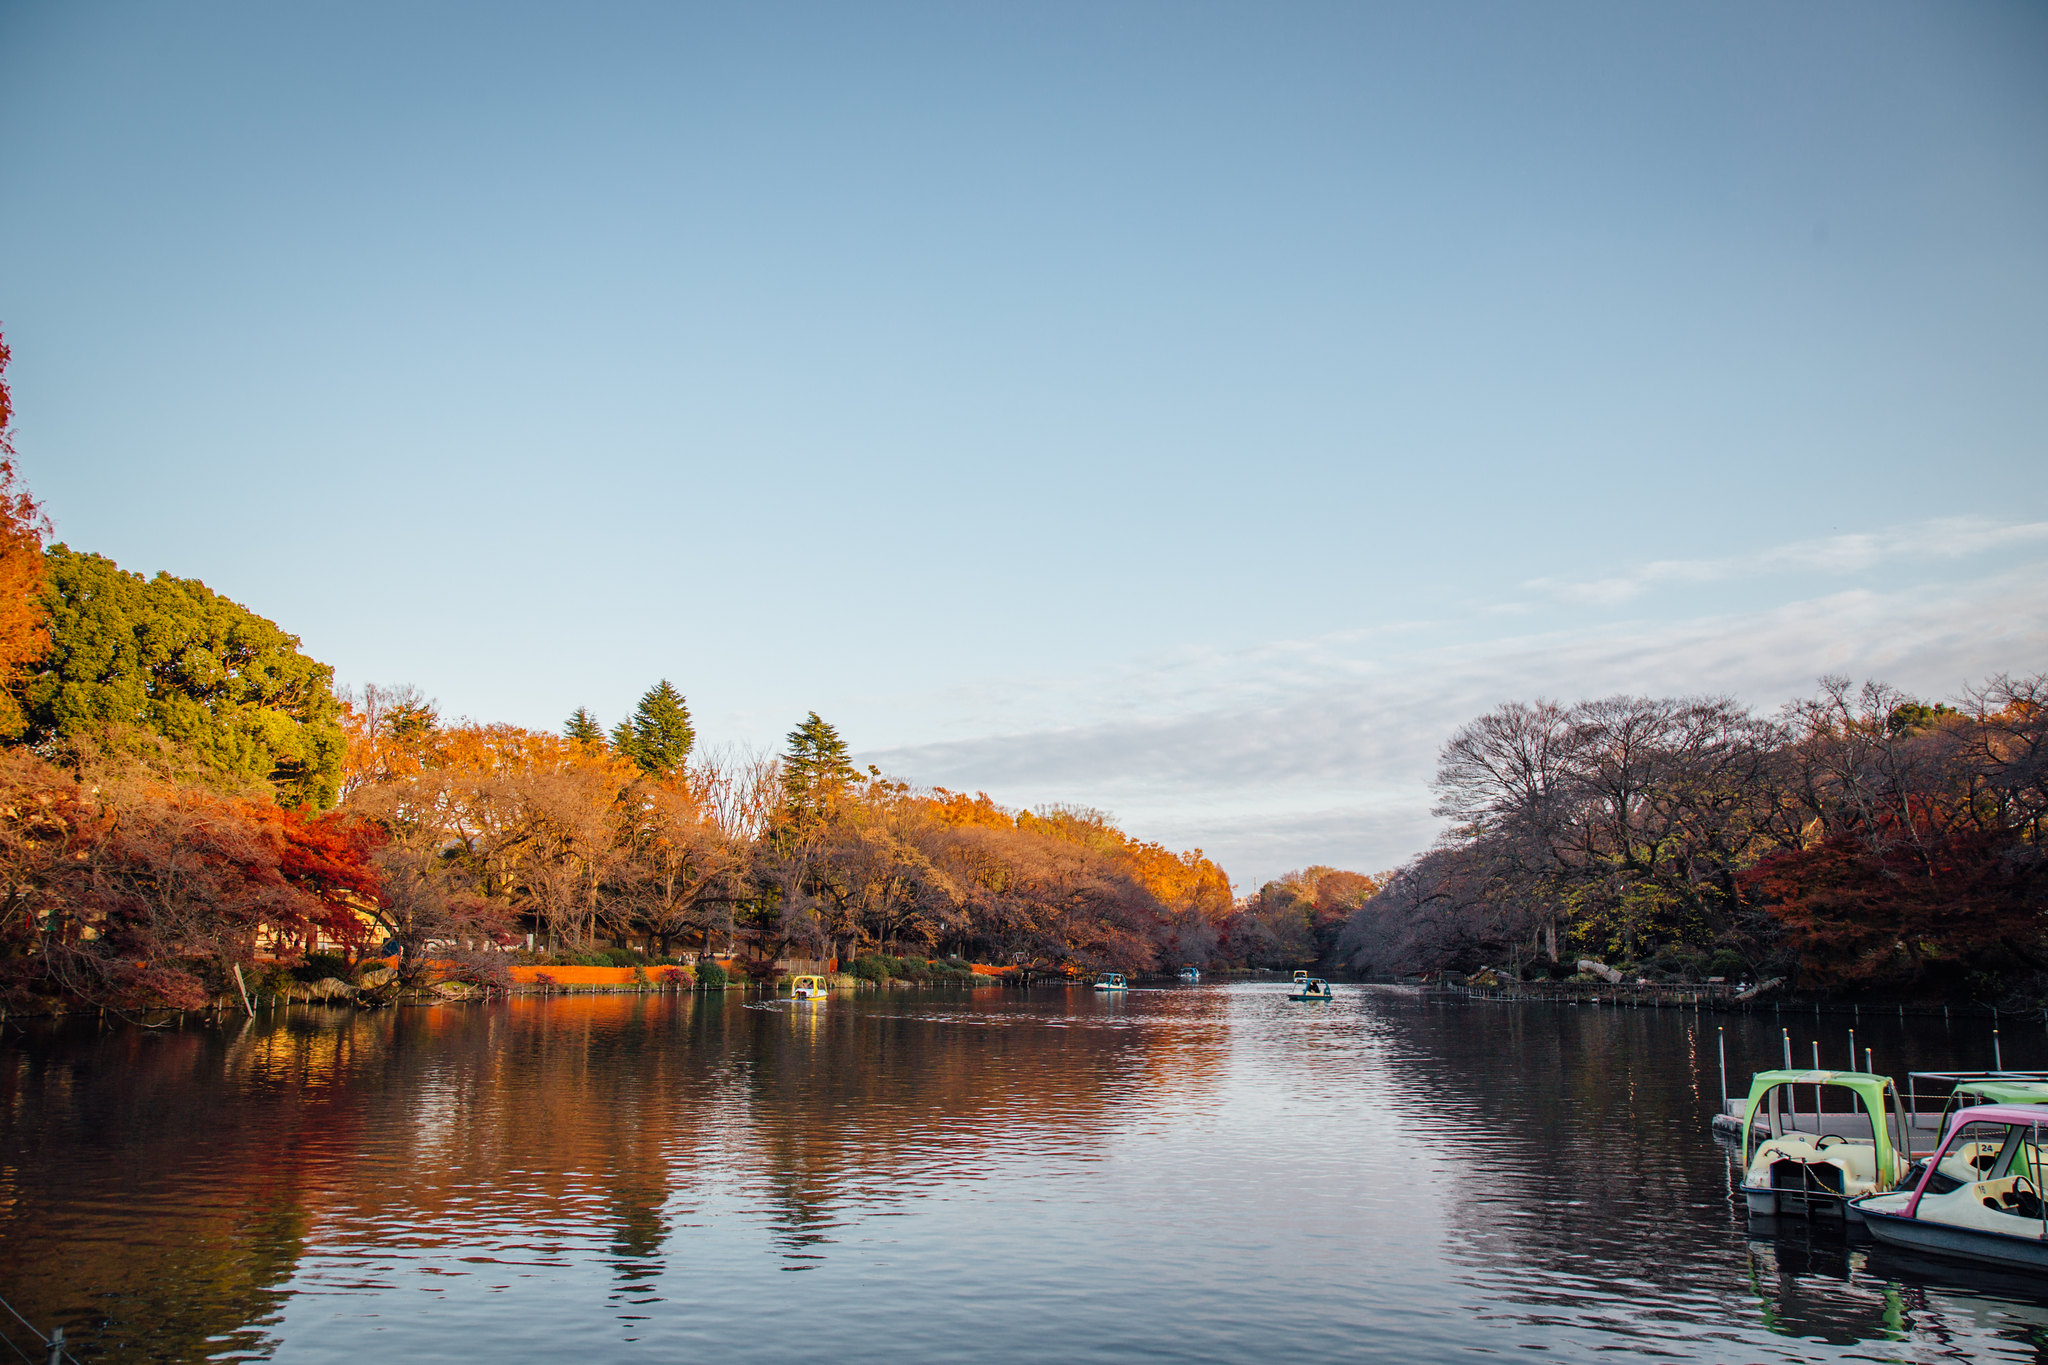 2015-12-08 井の頭公園 001-10